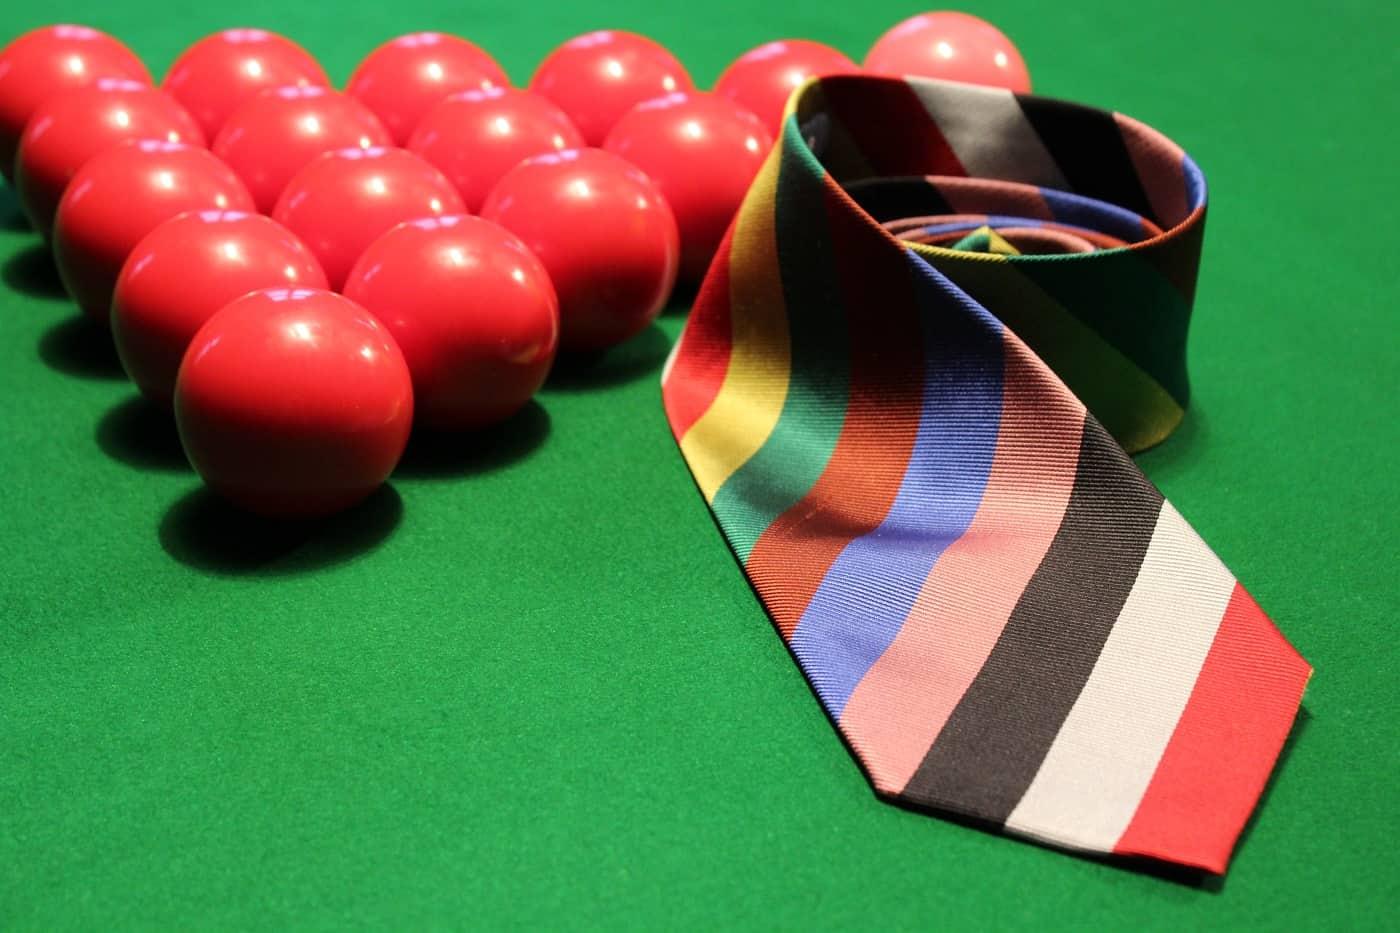 Club Tie - £27.50